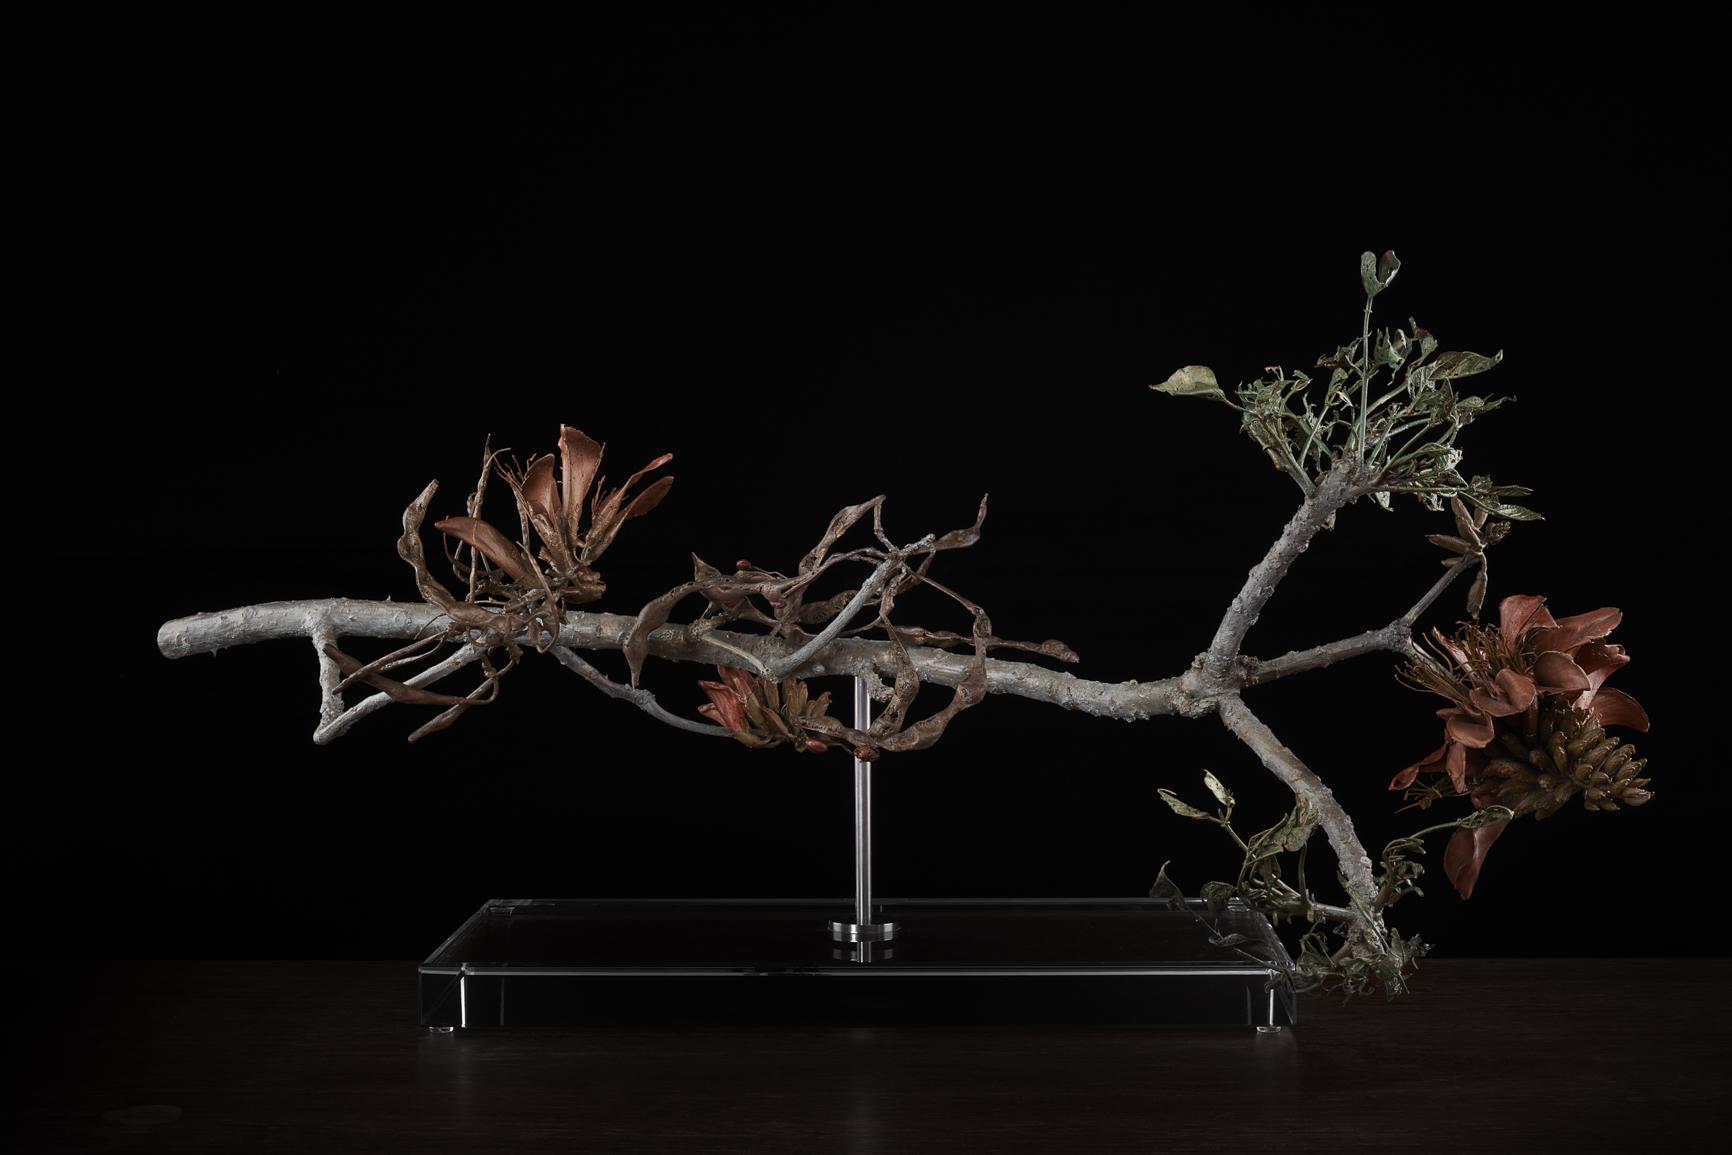 <i> Erythrina caffra (coral tree) </i>